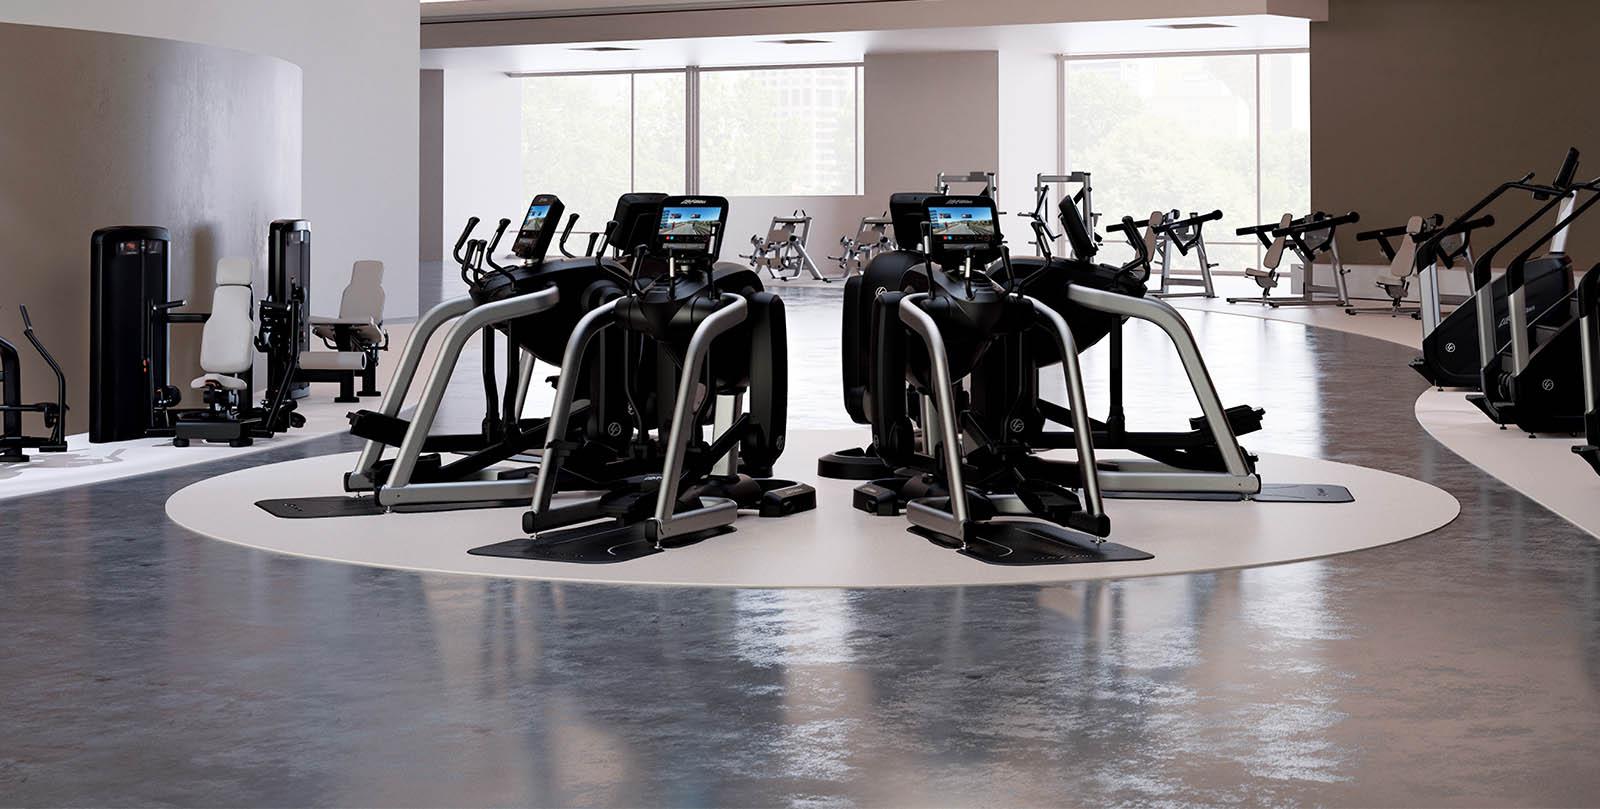 Оборудование для фитнес-клуба, тренажеры для клубов, тренажерных залов,  фитнес центров - Life Fitness официальный сайт - Россия 977110d2535